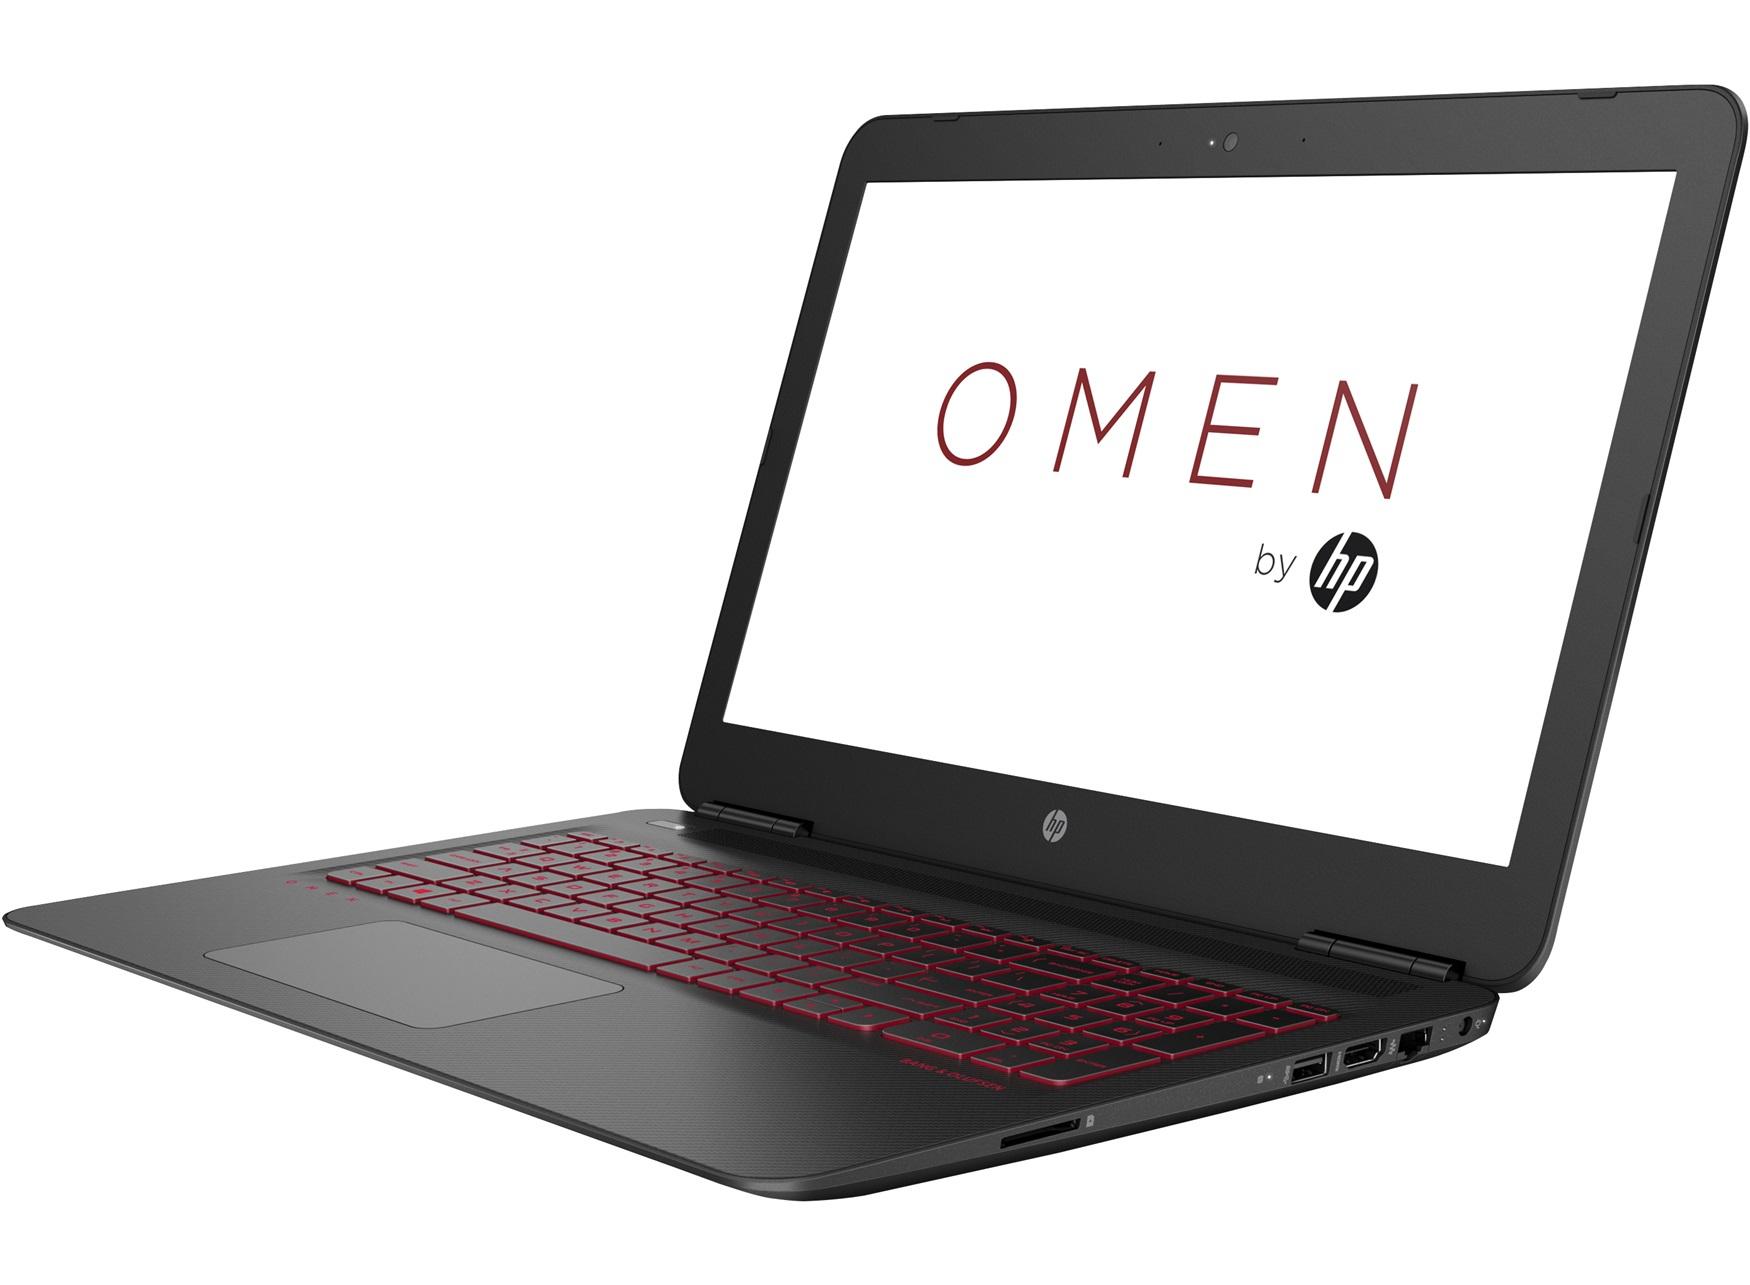 """HP OMEN 15-ax232tx 2.8GHz i7-7700HQ 15.6"""" 1920 x 1080Pixel Nero, Carbonio, Rosso Computer portatile"""